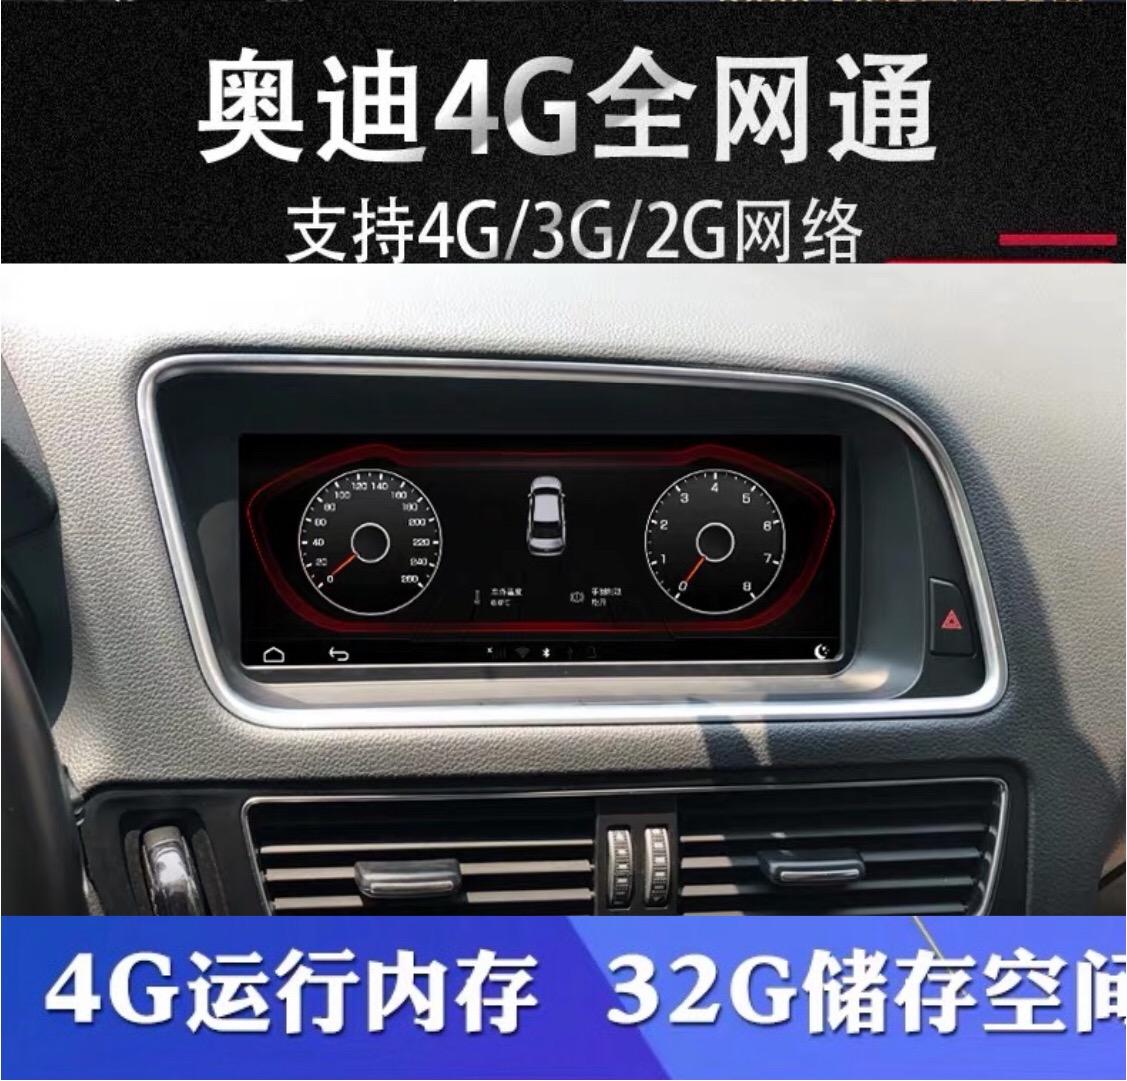 09-17款奥迪Q5 A4L A5 S5安卓大屏导航智能中控改装倒车一体机